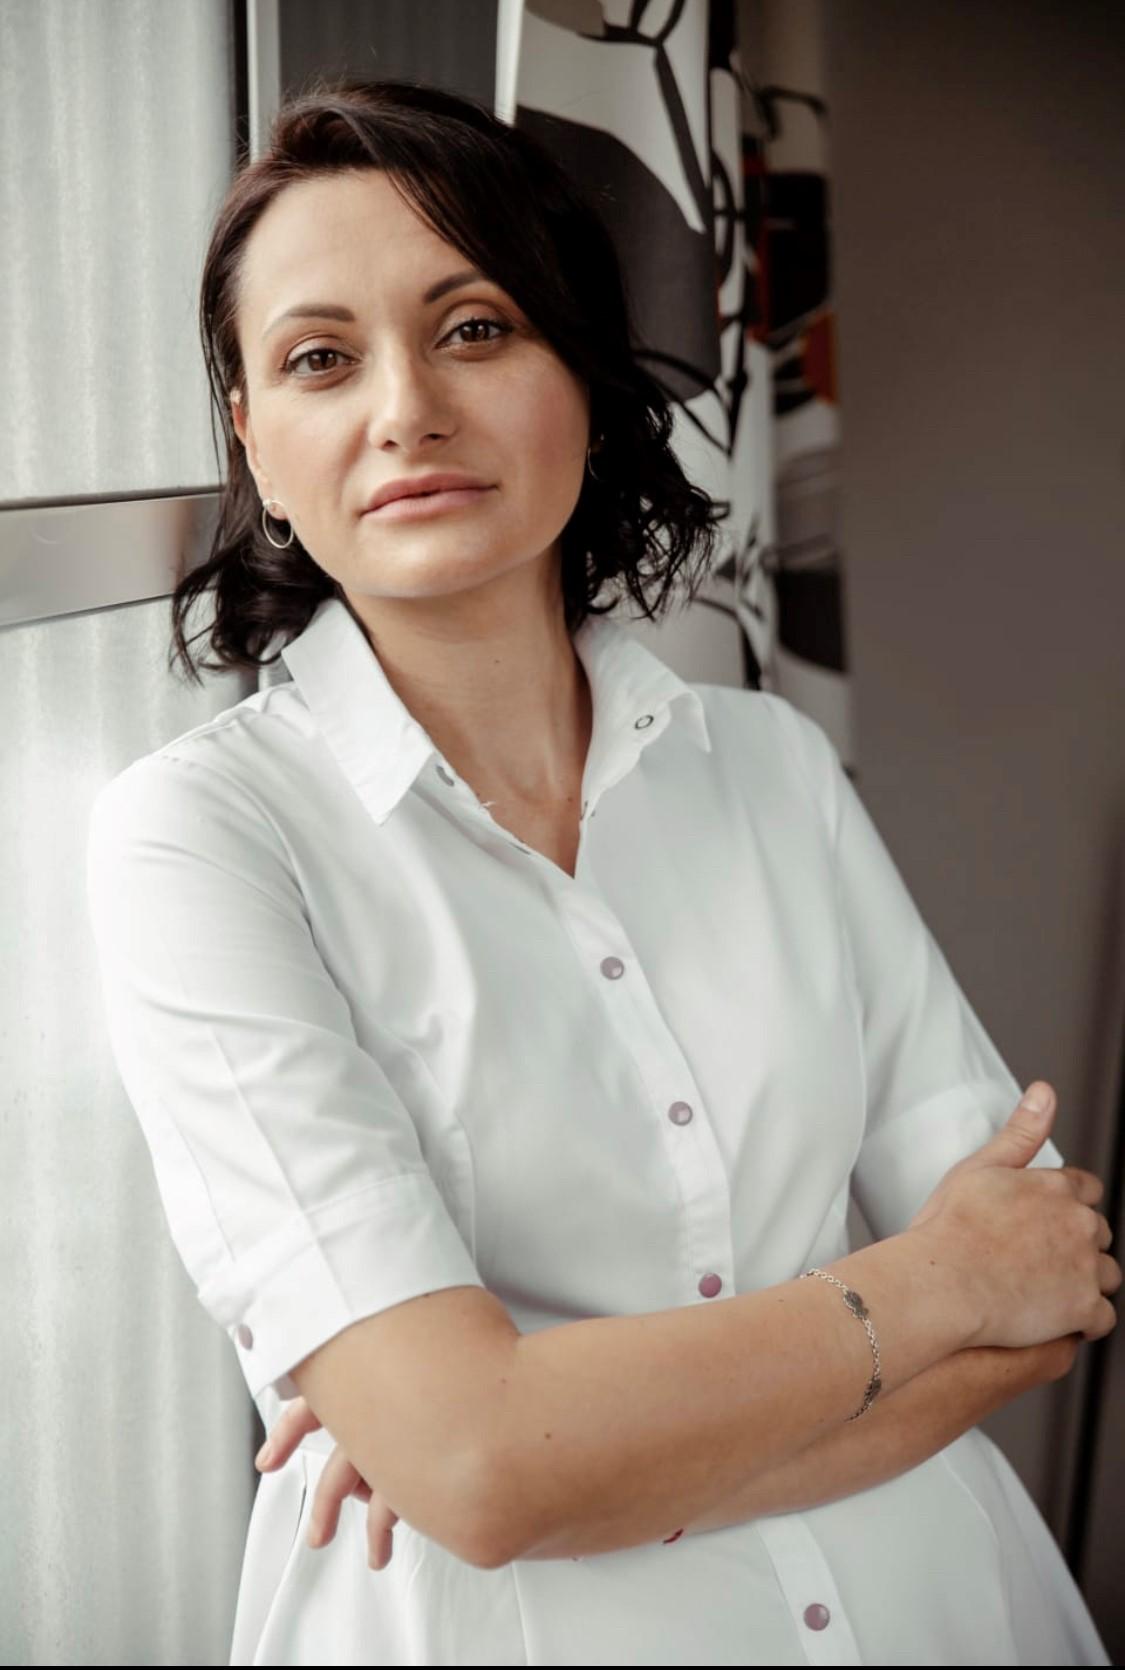 אולגה פילוננקו